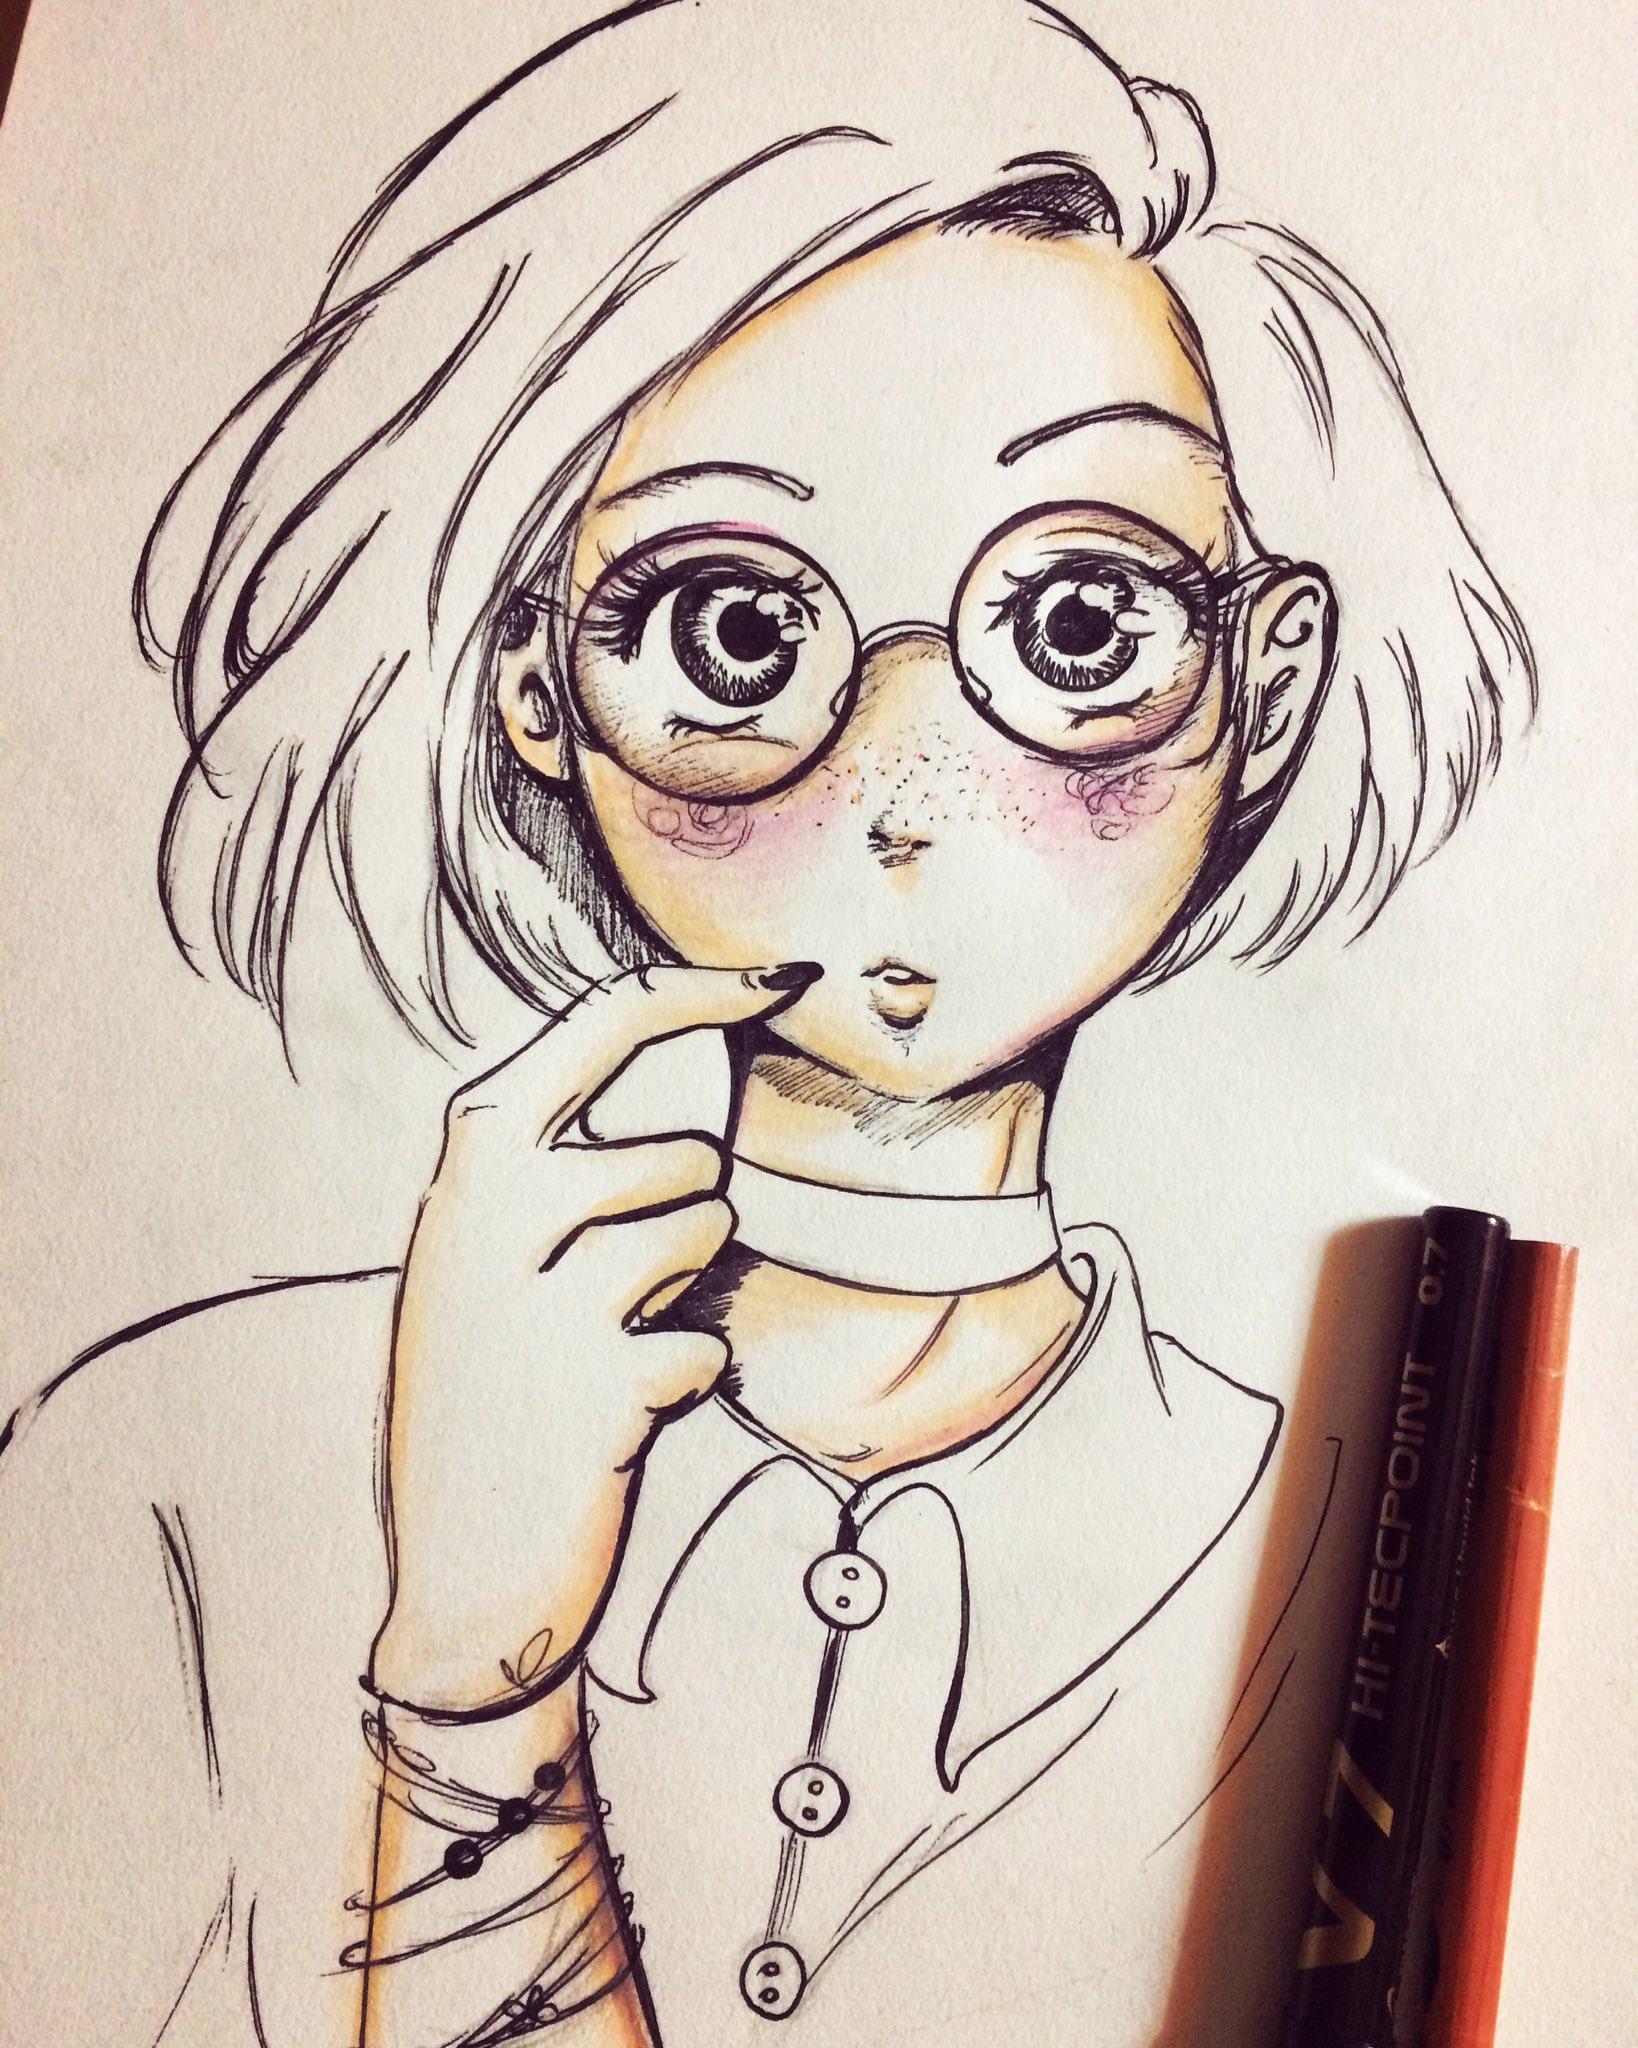 Ilaria laria♡ on twitter glasses girl art drawing manga anime pink illustration sketch eyes nerd otaku japan love black emotions